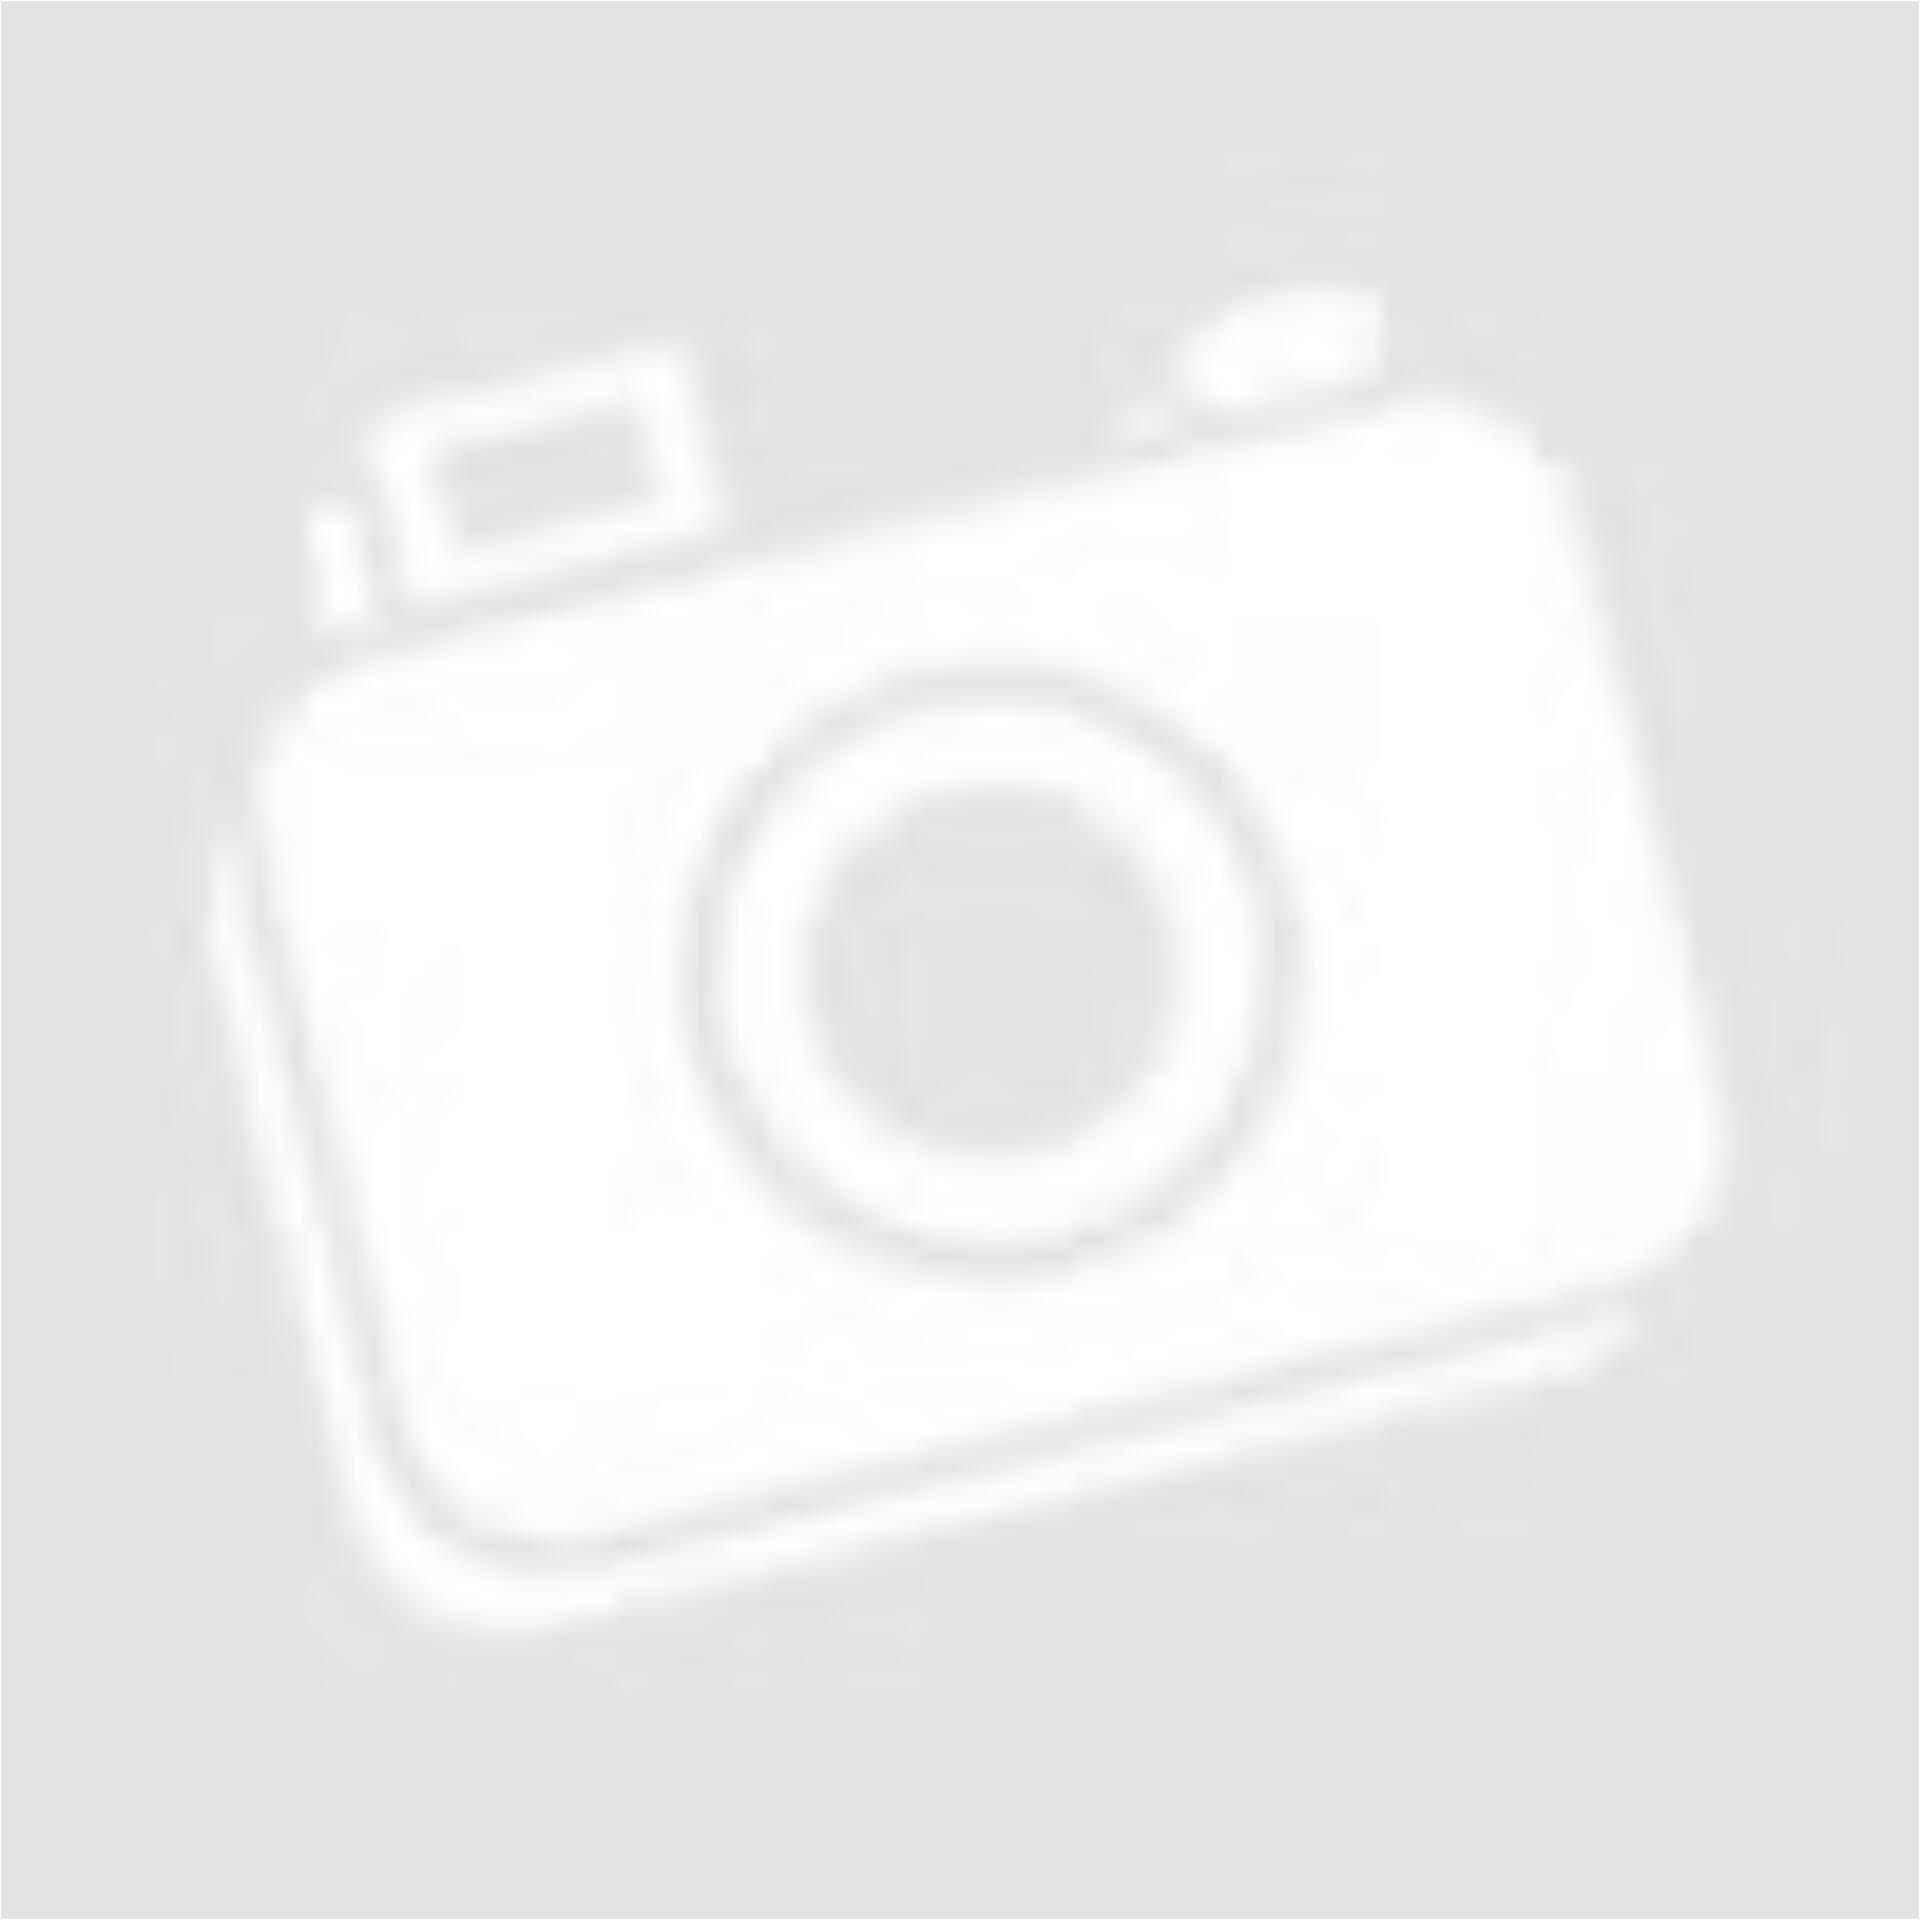 82ecb35cdaa1 MISS ETAM kék színű farmer kabát (Méret: L) - Női dzseki, kabát ...